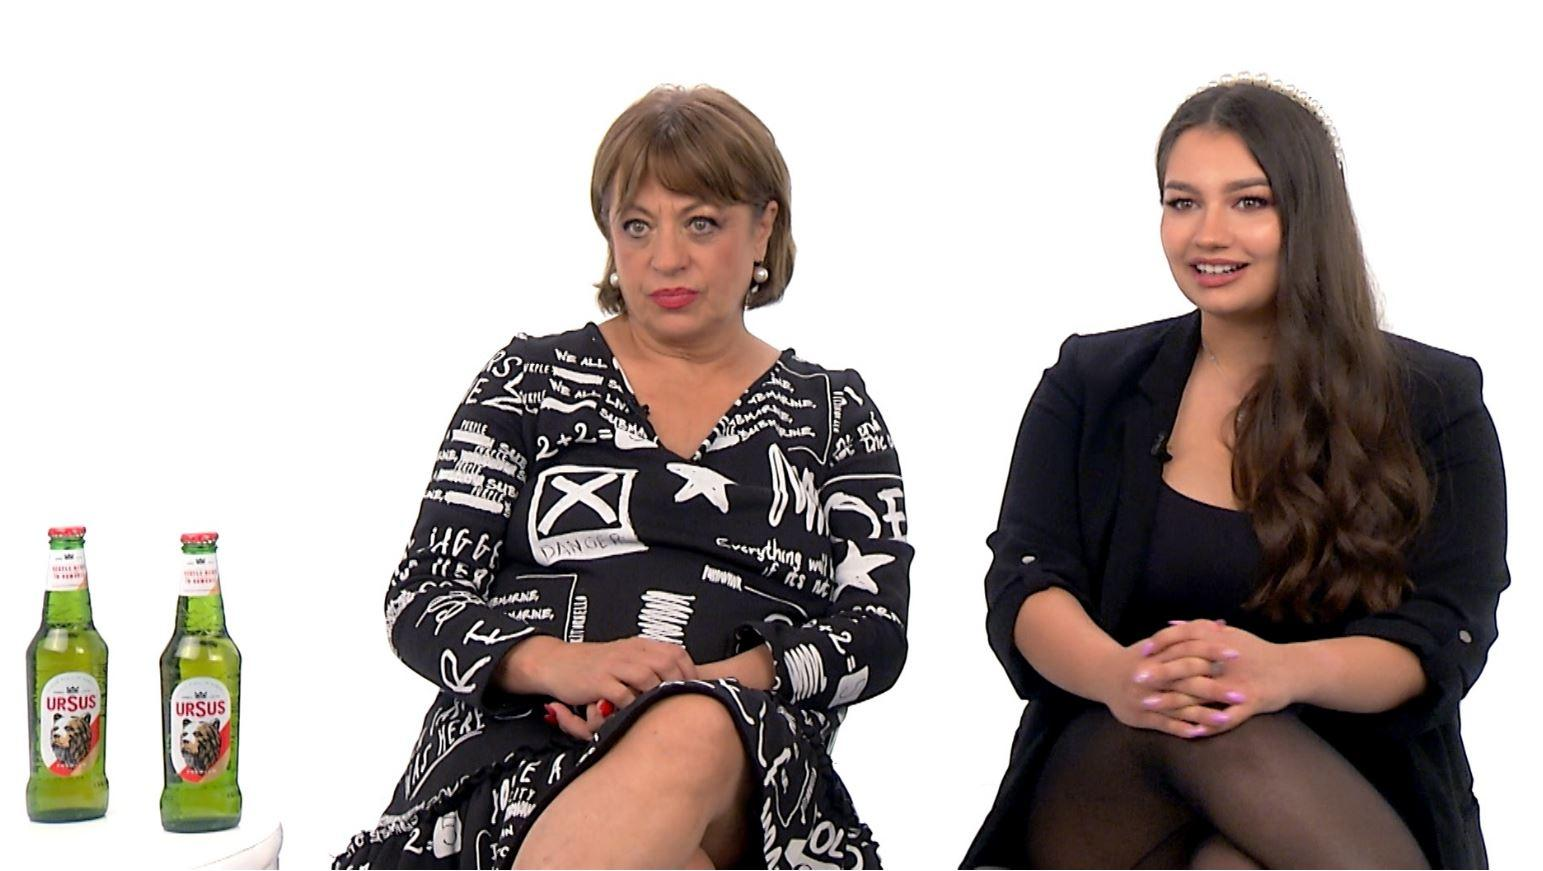 Jurnal de Asia, episodul 6. Adriana Trandafir și Maria Speranța, clipe de cumpănă după ce fiica Adrianei a avut nevoie medic